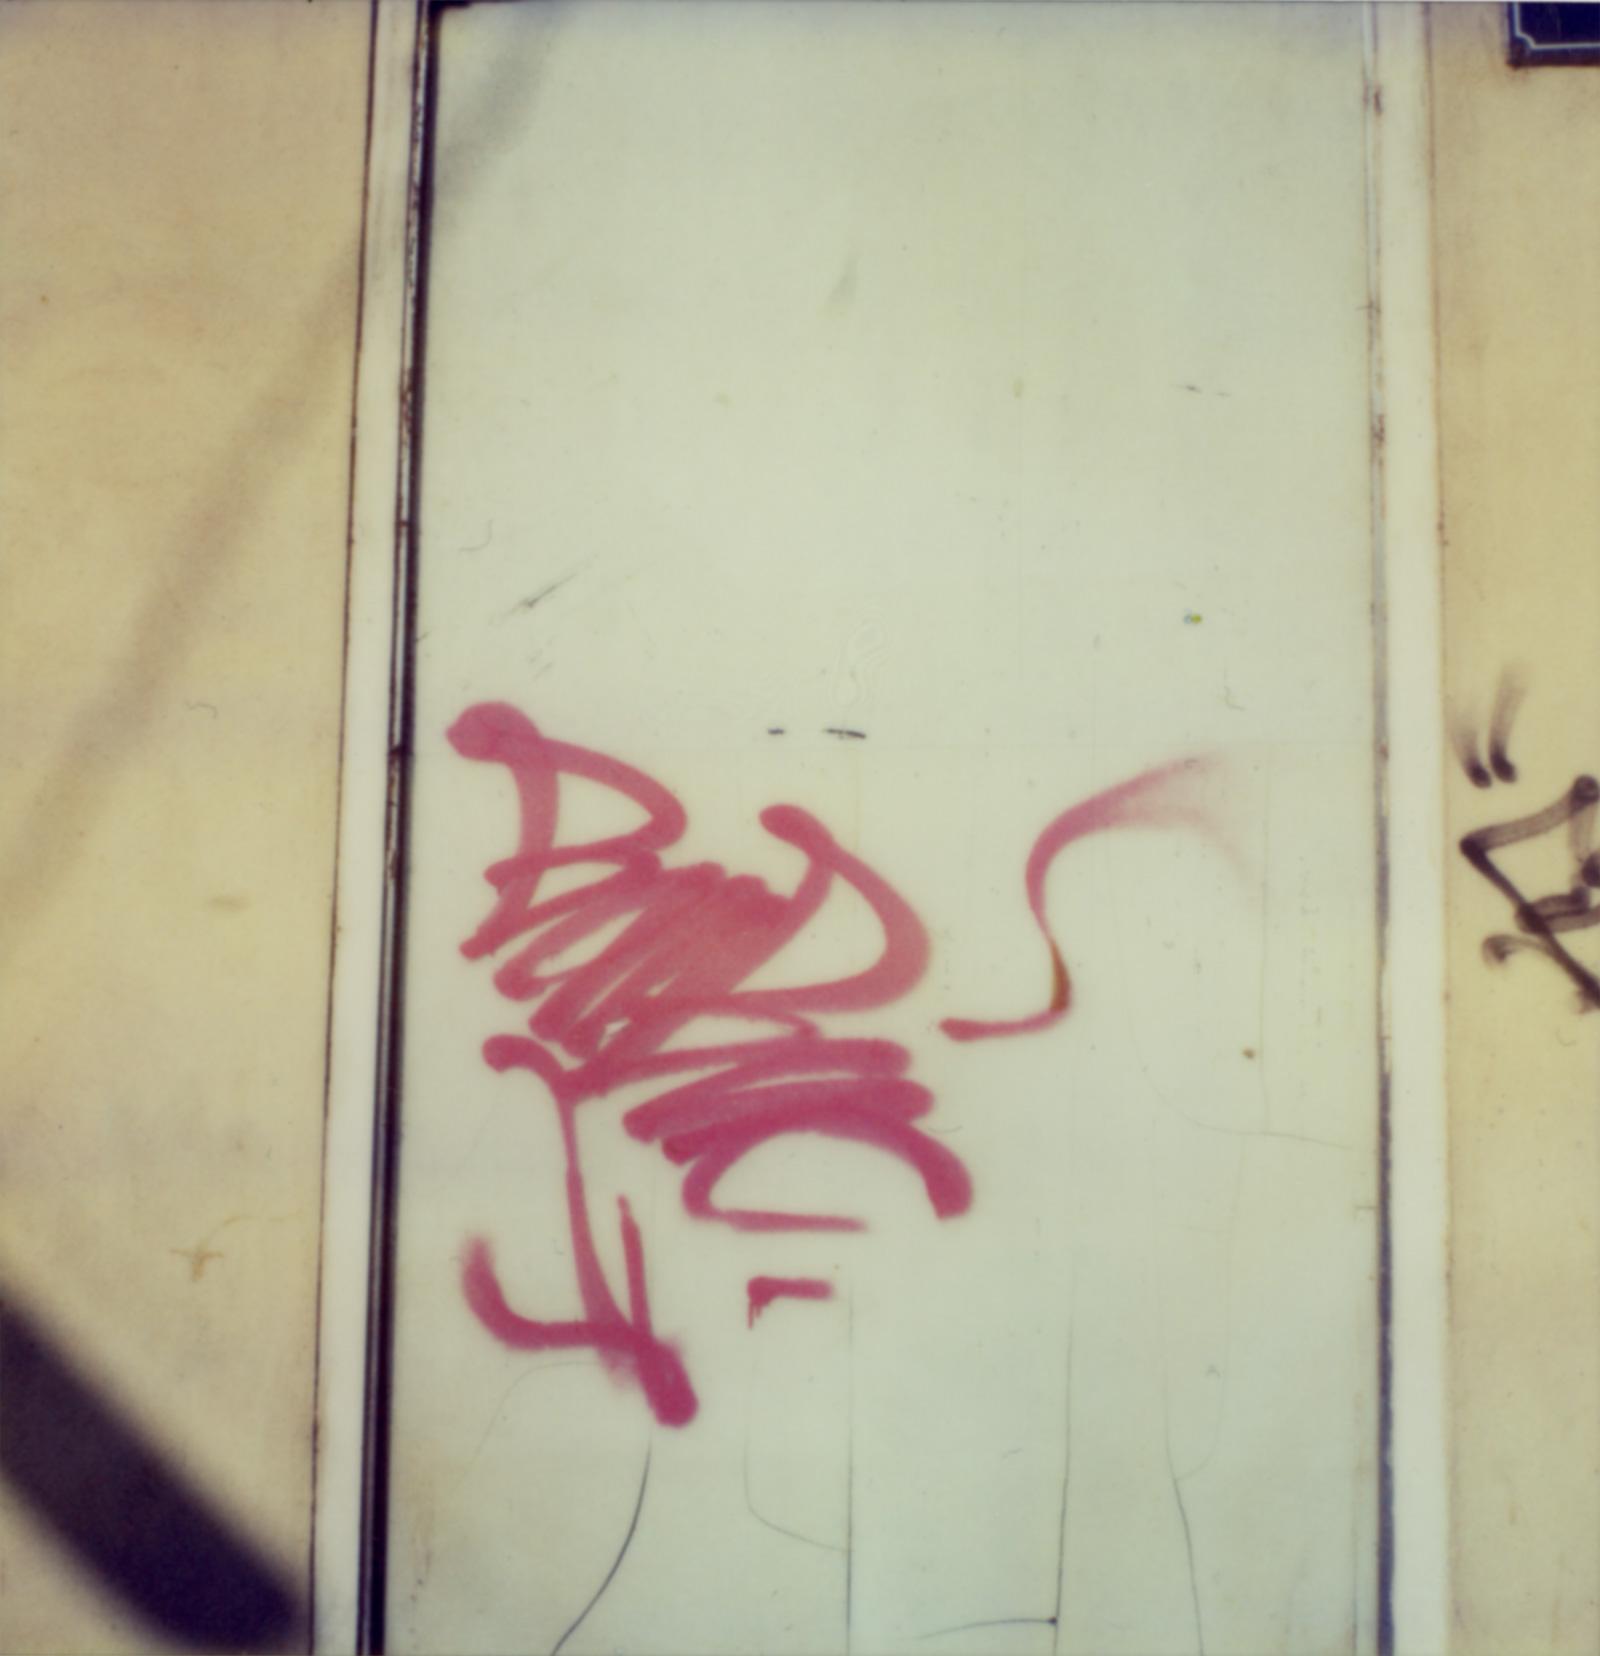 Door, Bspo06, Graffiti, Light, Morning, HQ Photo